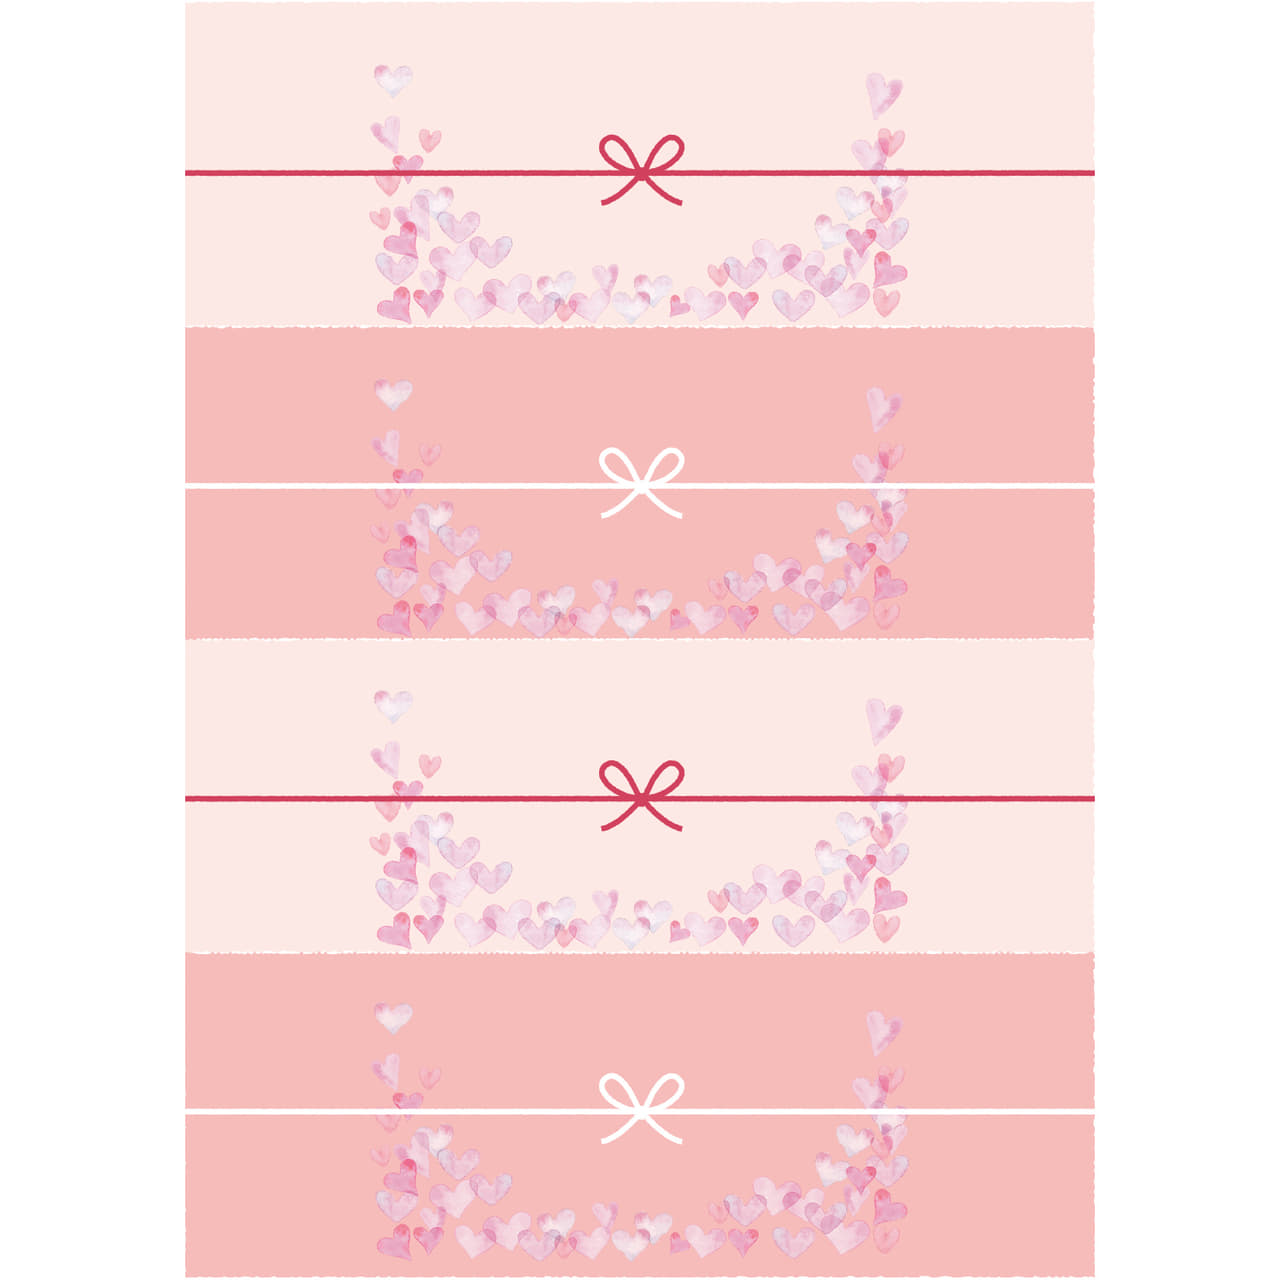 切って使えるピンク色のハートのかわいいのし紙(4分割)